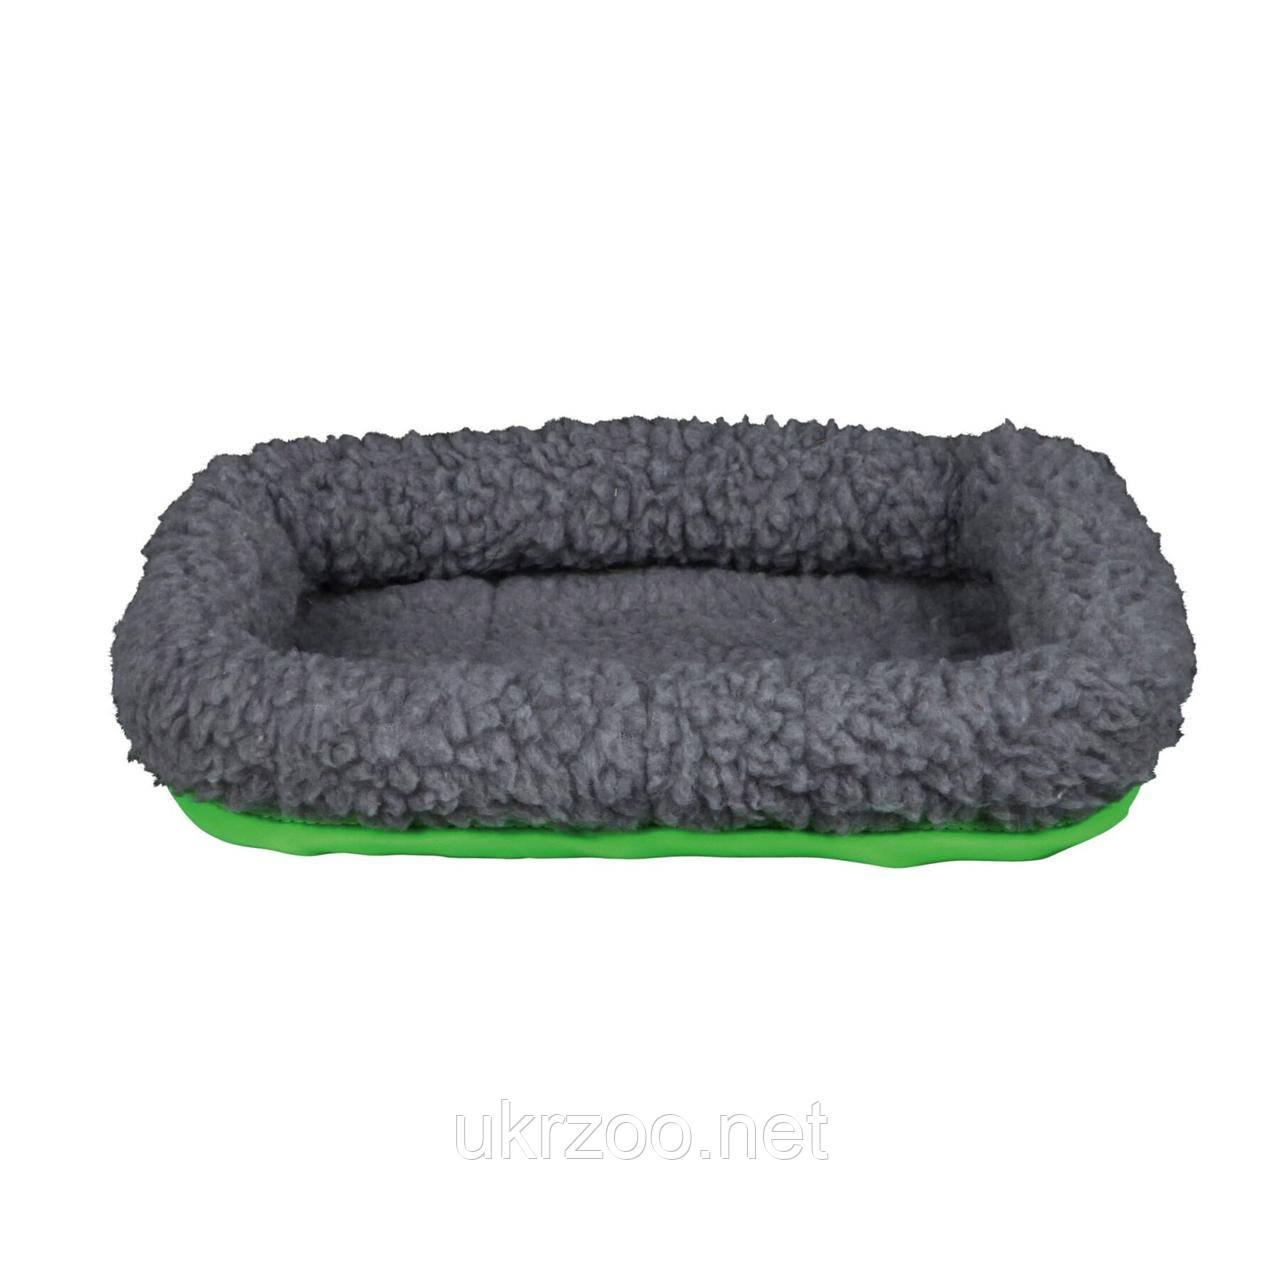 Лежак Trixie для морської свинки, 30 × 22см, арт.62702